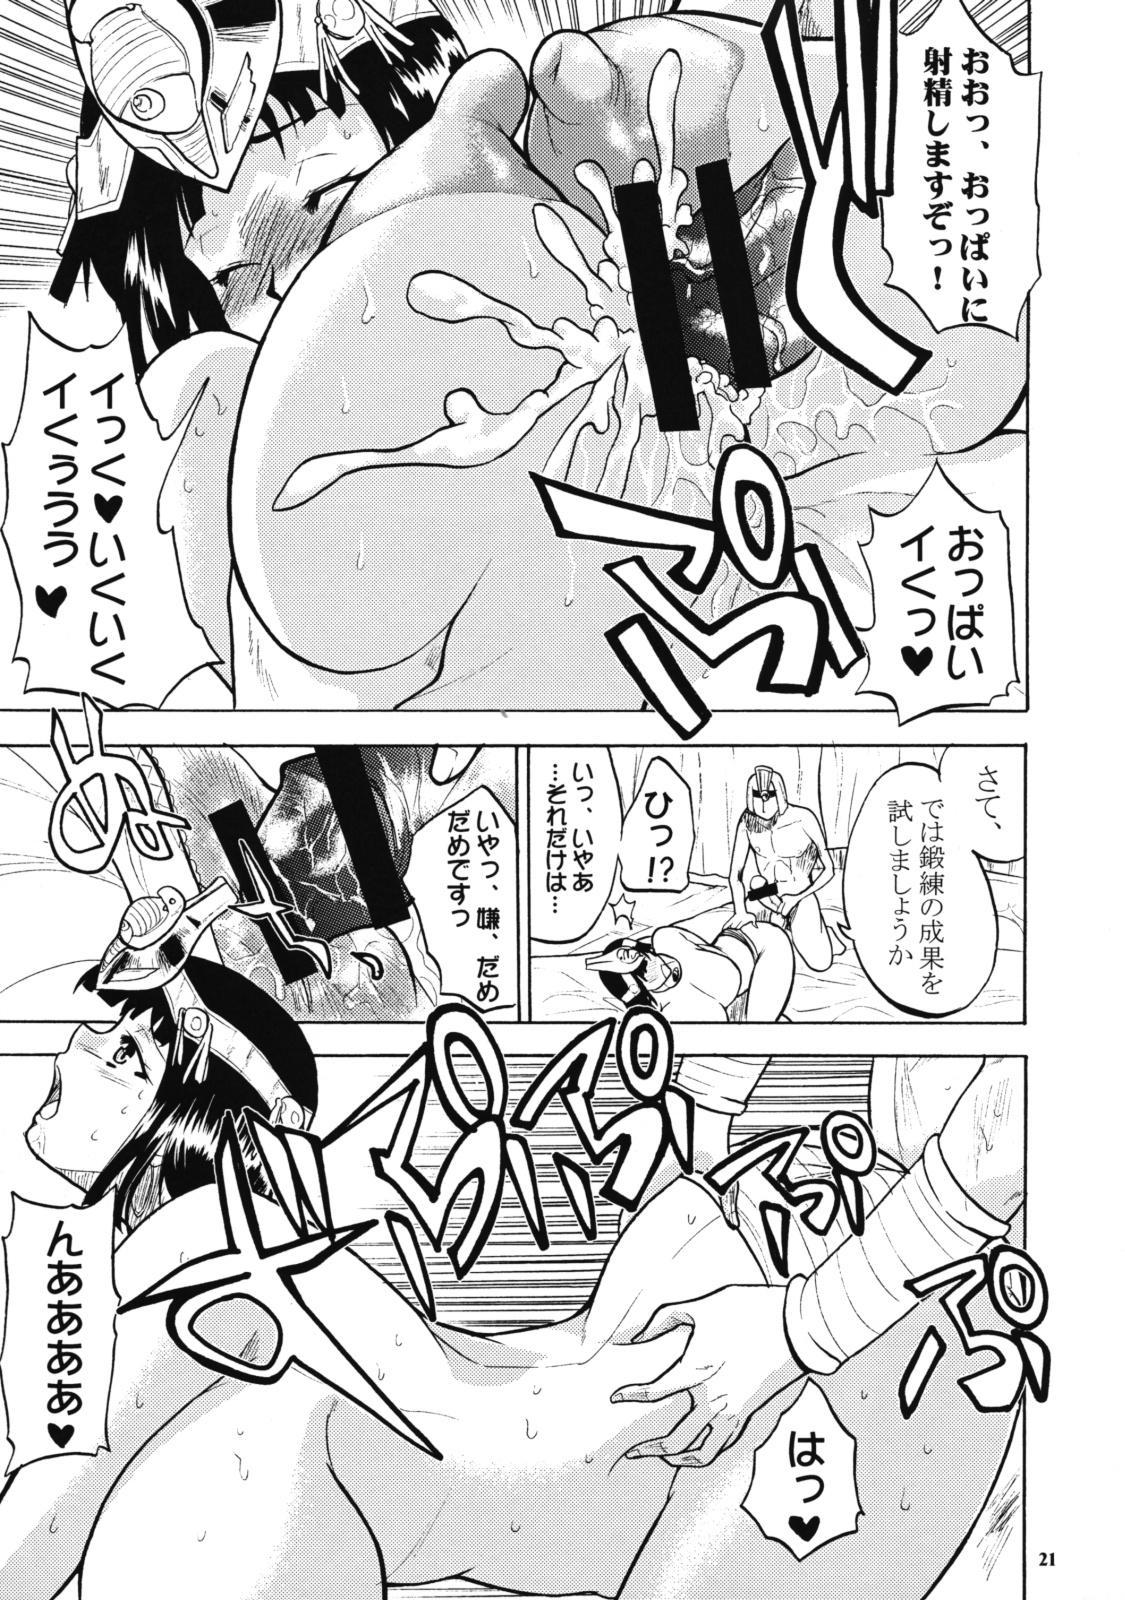 Kodai no Shima Pan Oujo 19